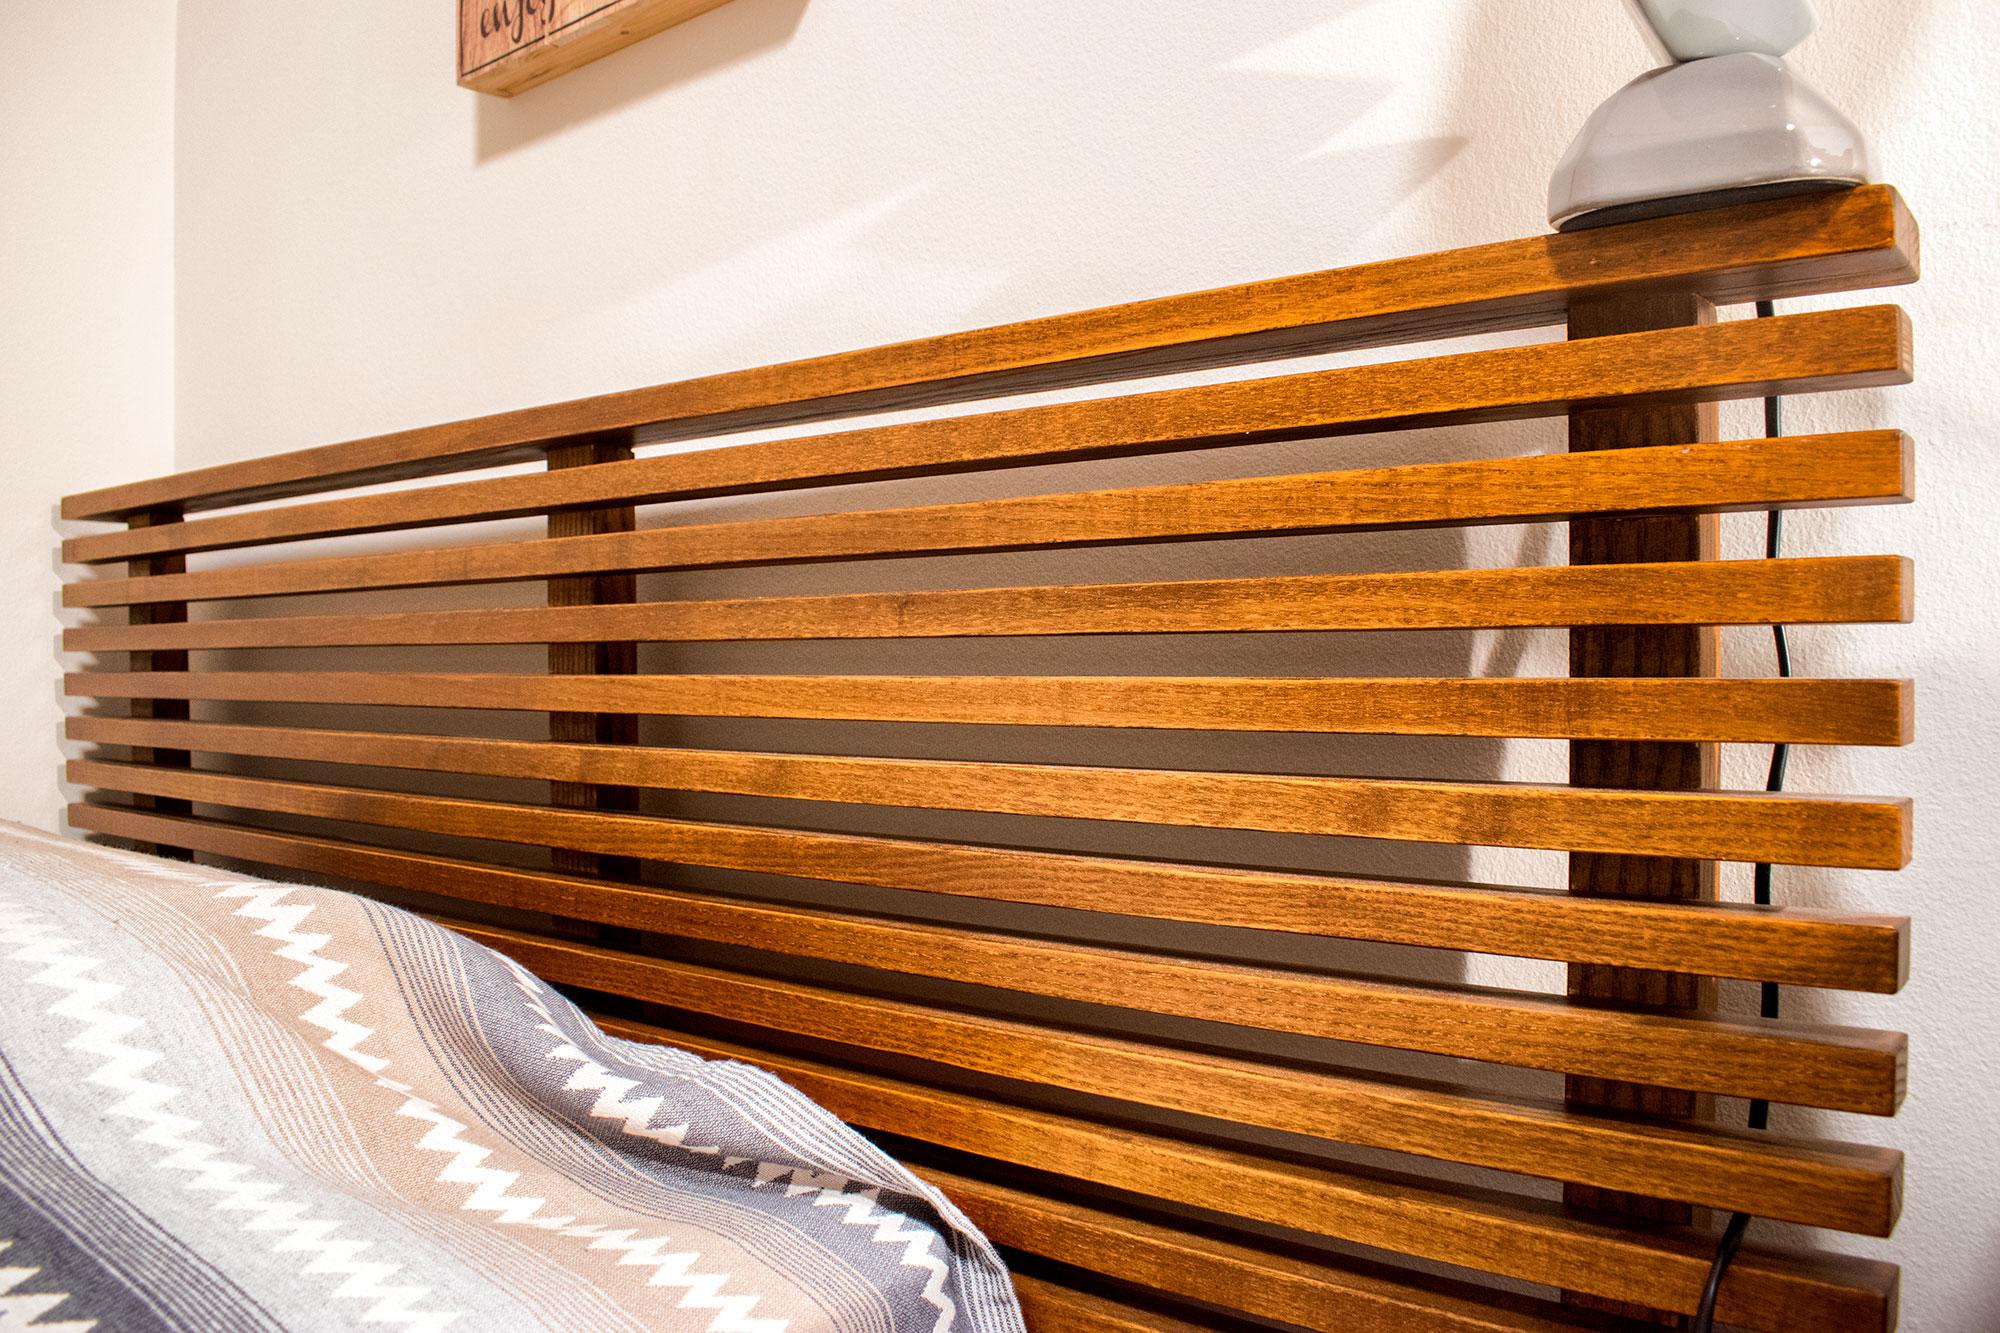 σχεδιασμός κρεβατιού